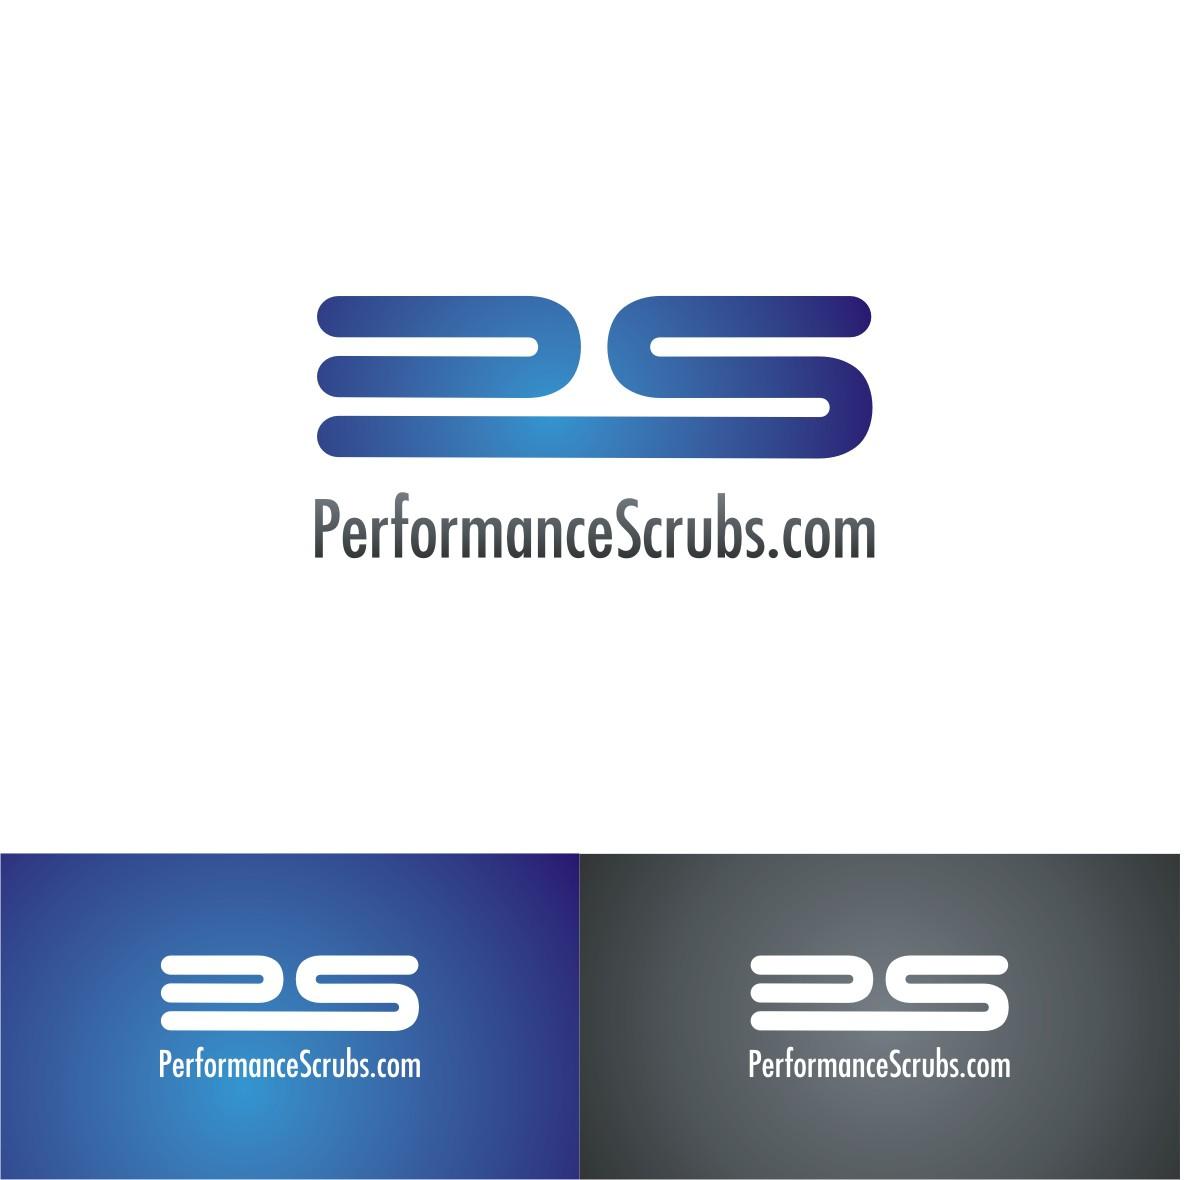 logo for PerformanceScrubs.com